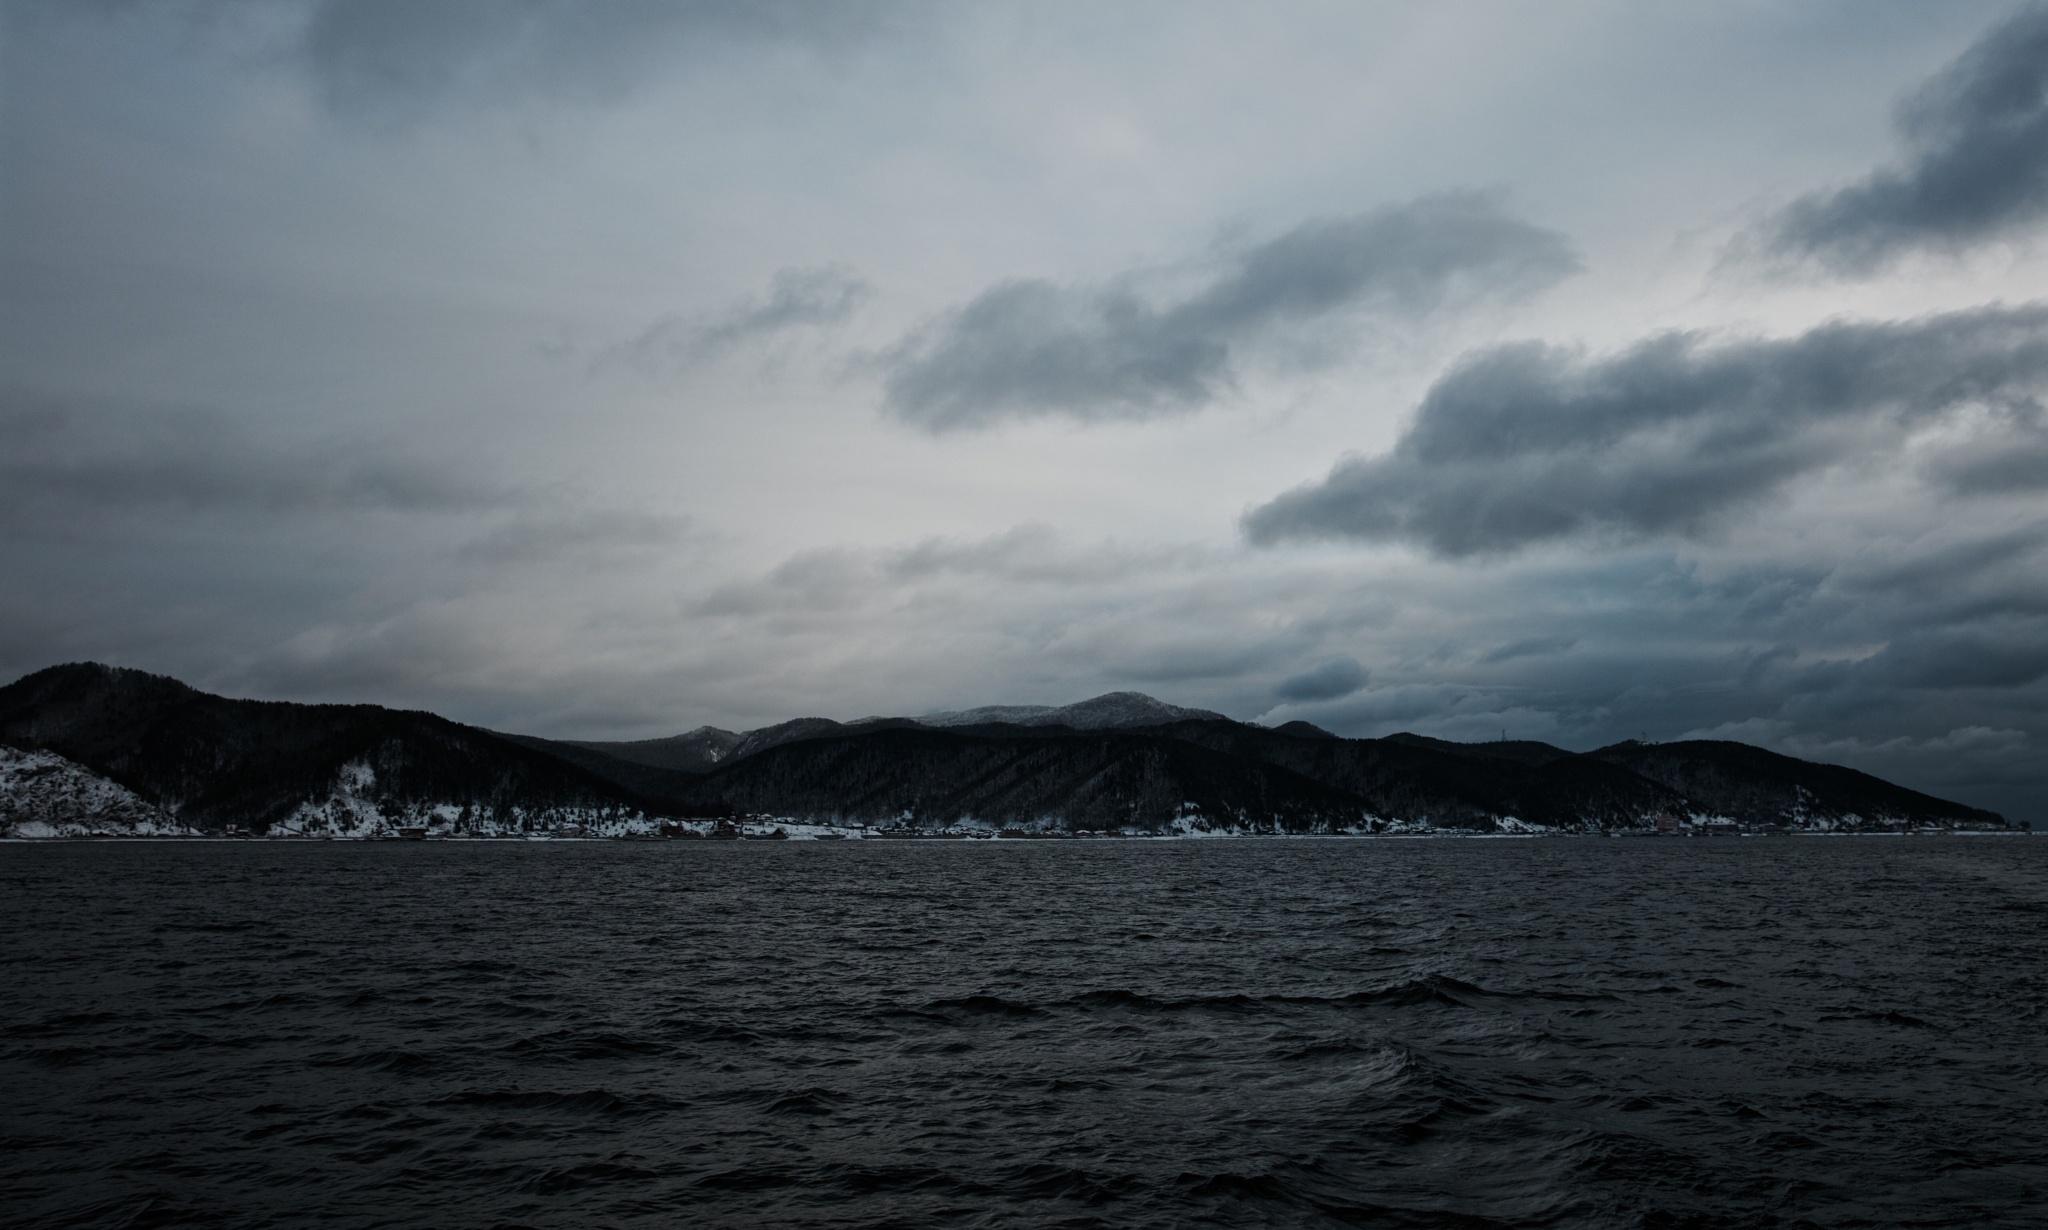 Baikal, Listvyanka by Boris Konovalov